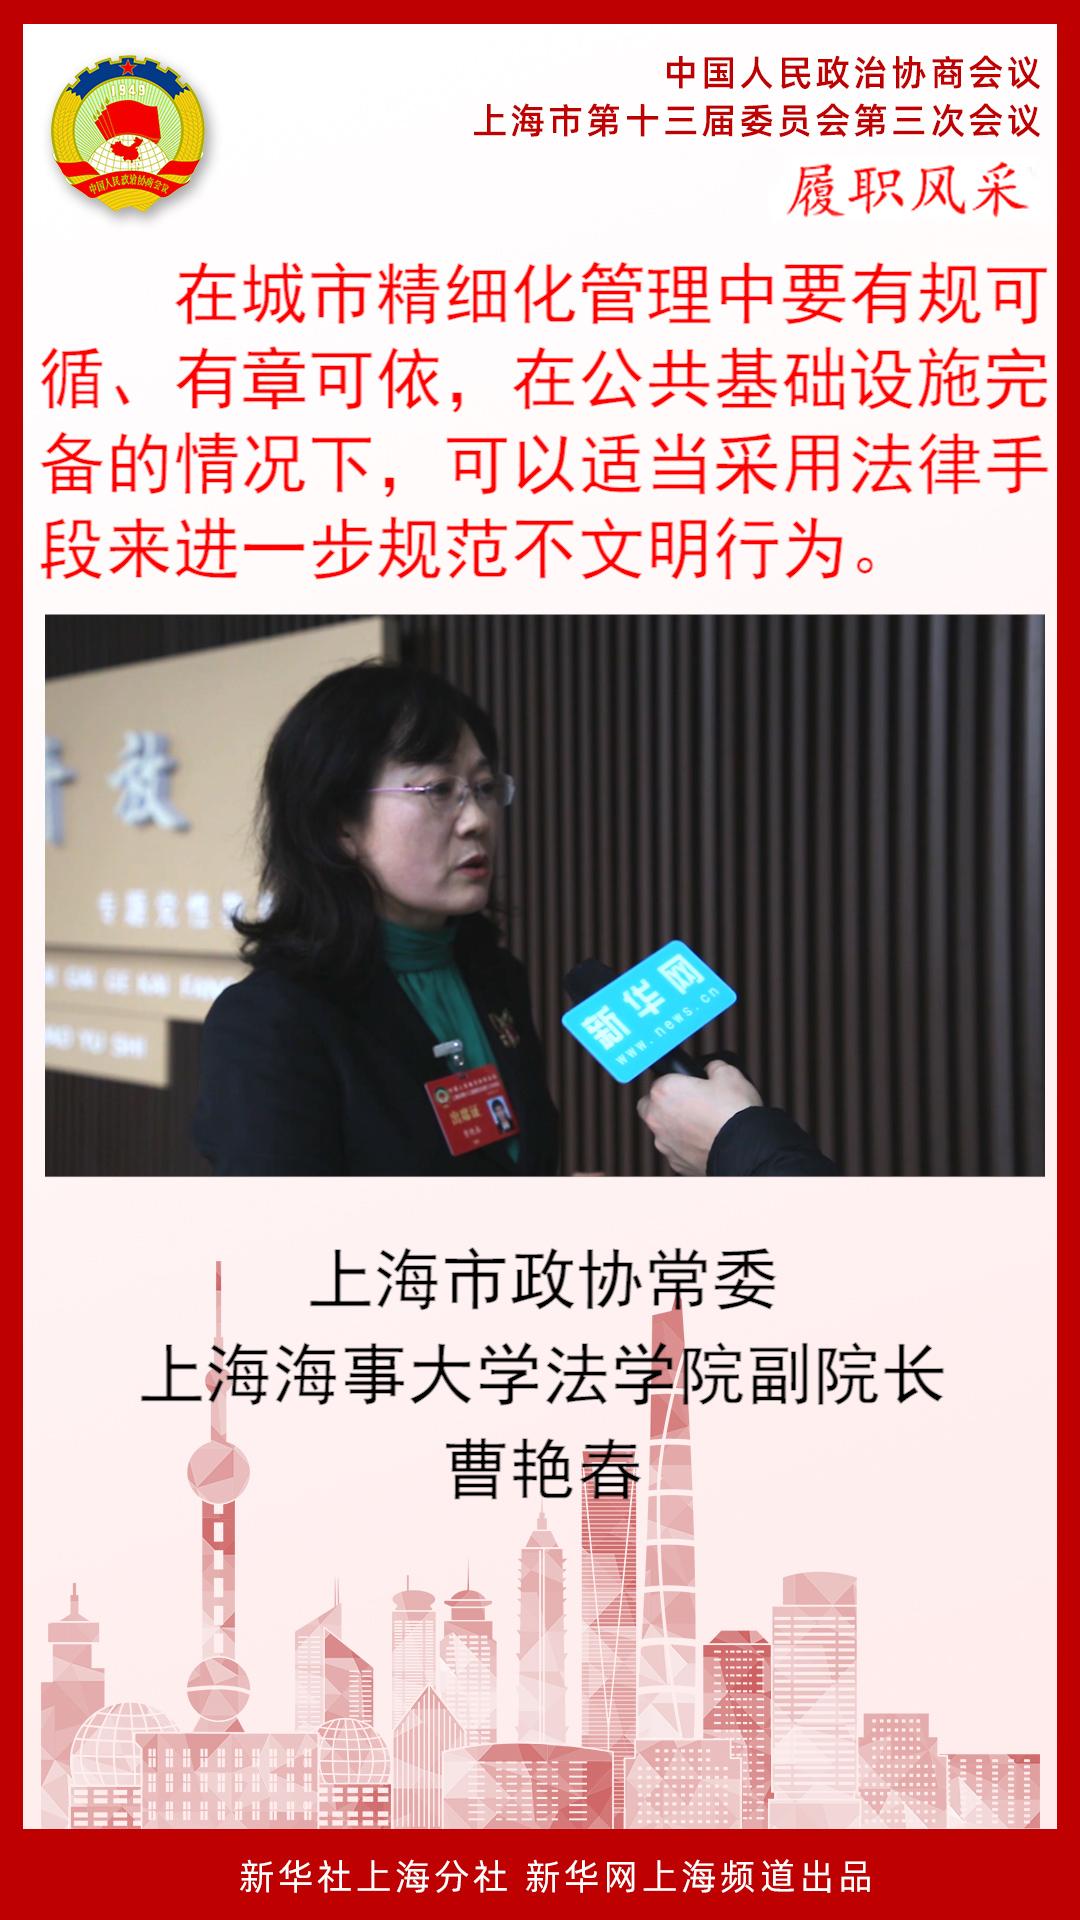 曹艳春委员:在城市精细化管理工作中,要善用法律手段规范不文明行为